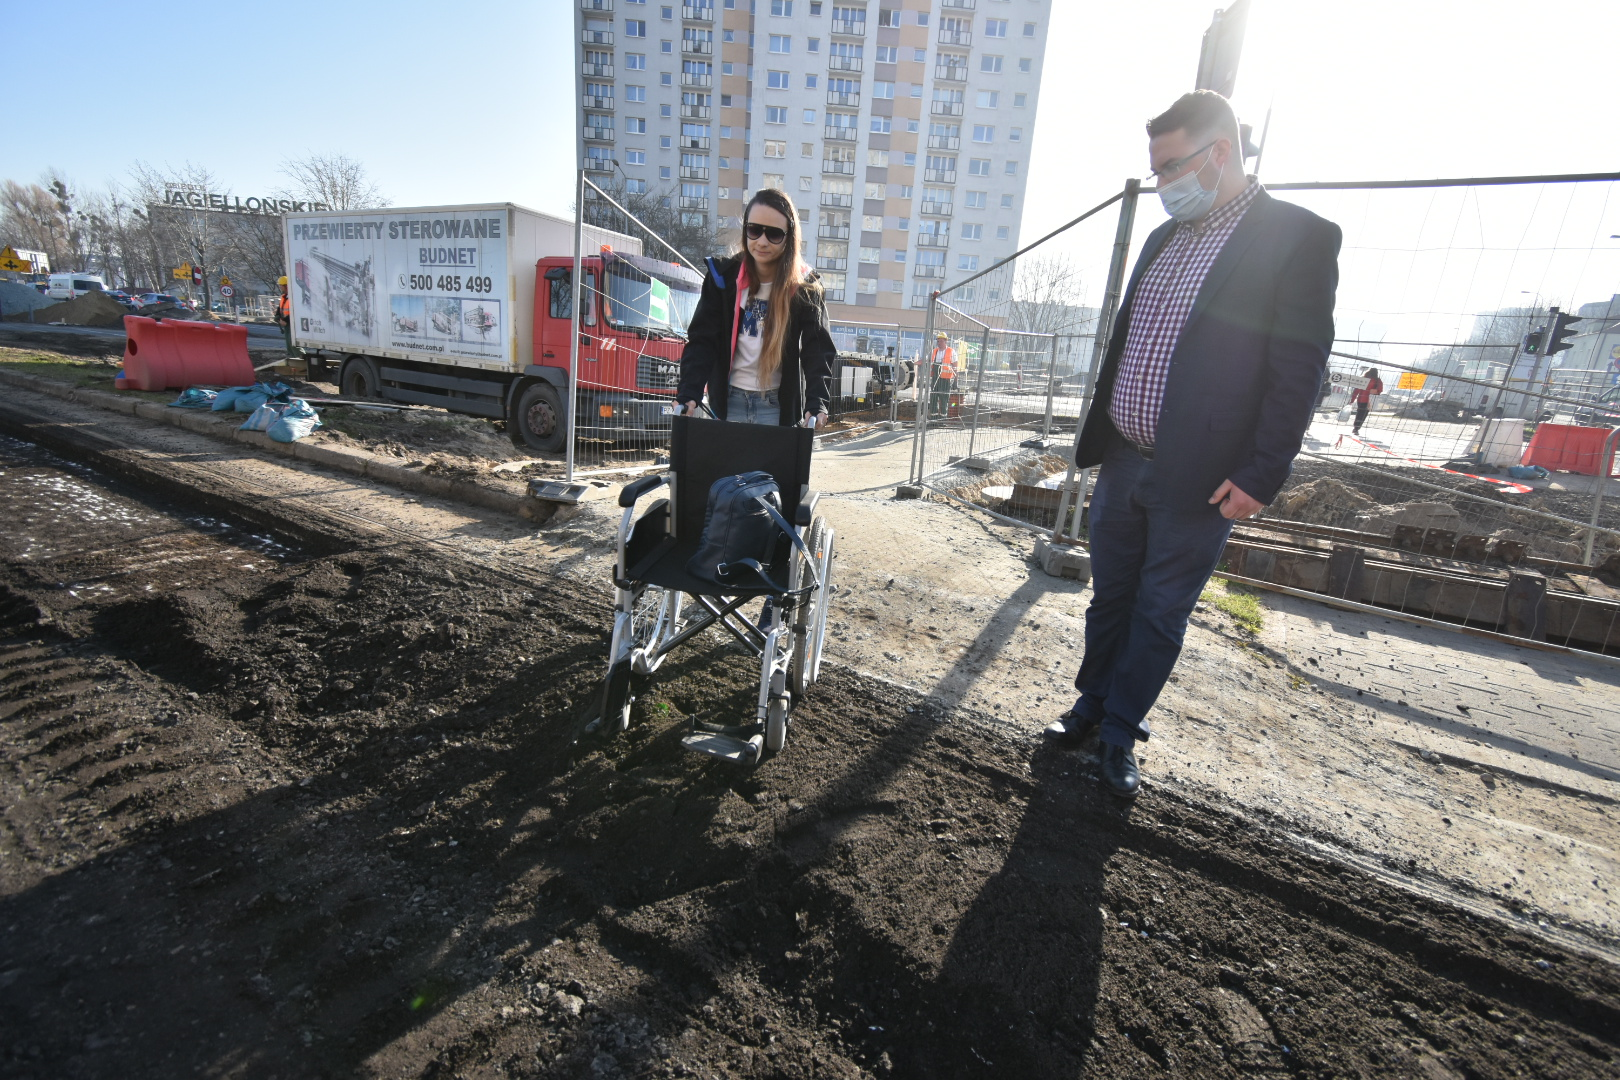 rondo rataje niepełnosprawni - Wojtek Wardejn